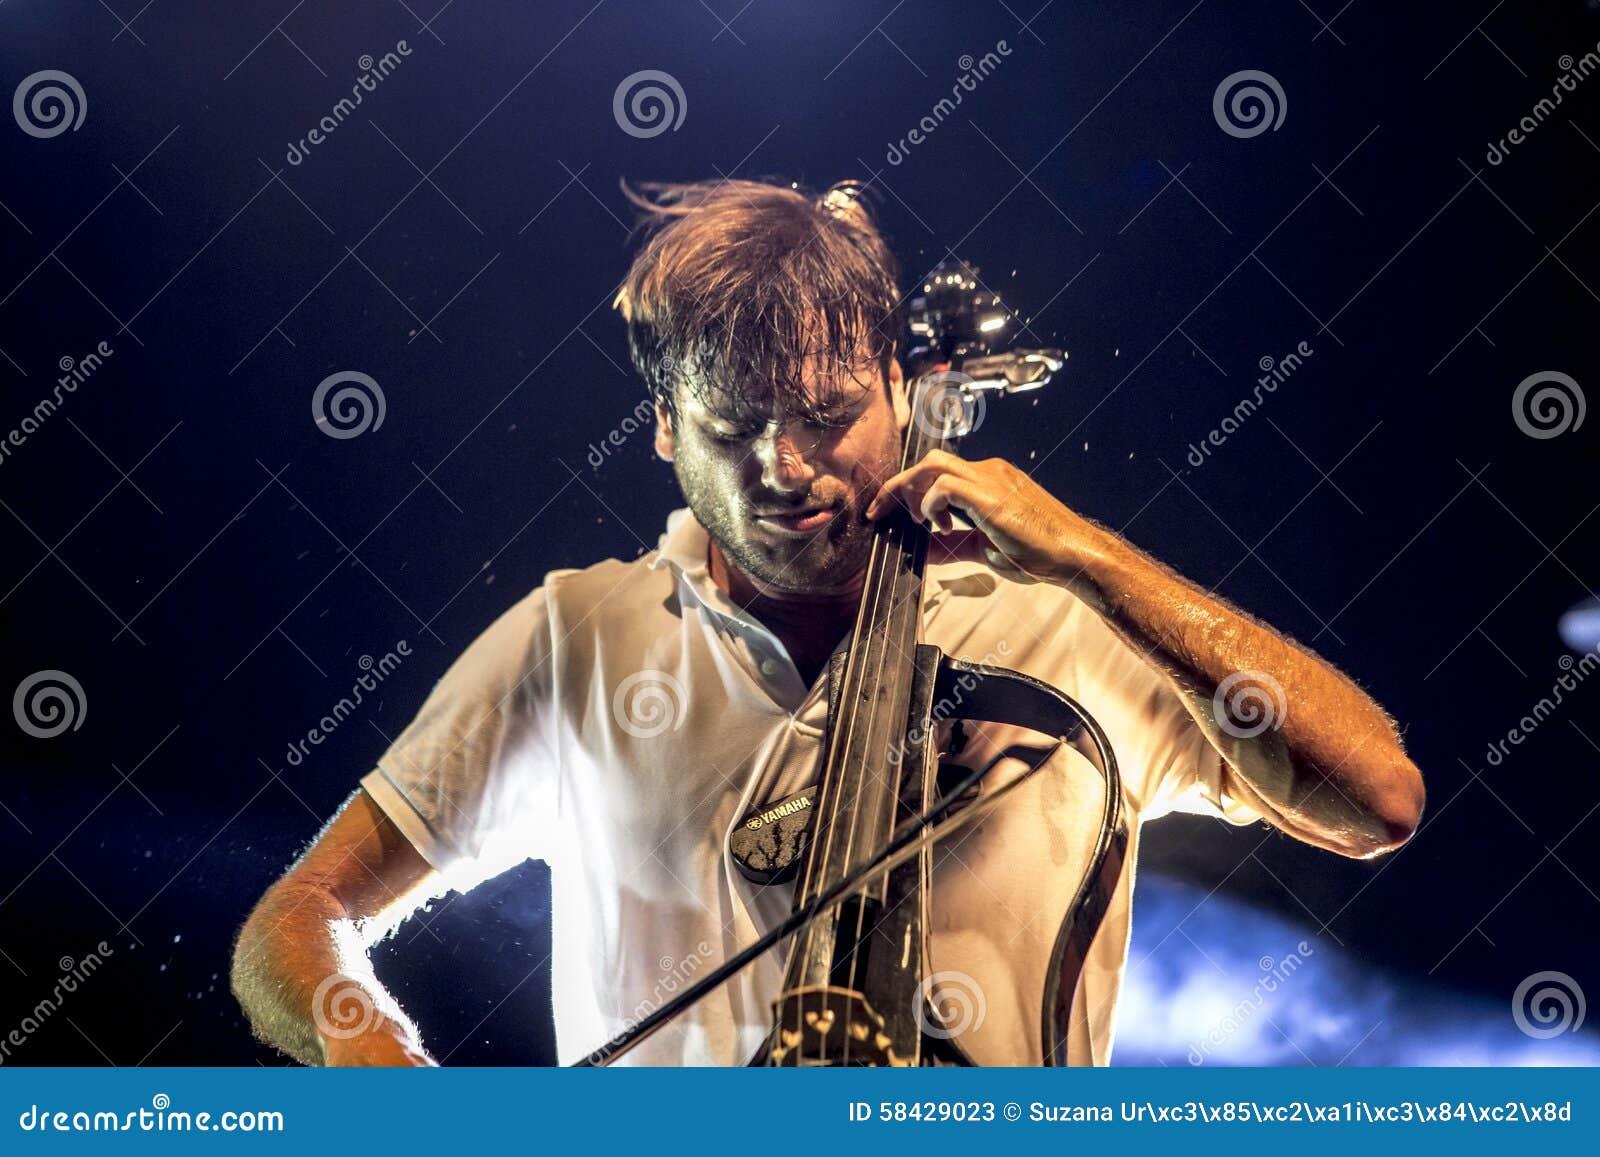 Stjepan Hauser 2cellos editorial stock photo  Image of cello - 58429023